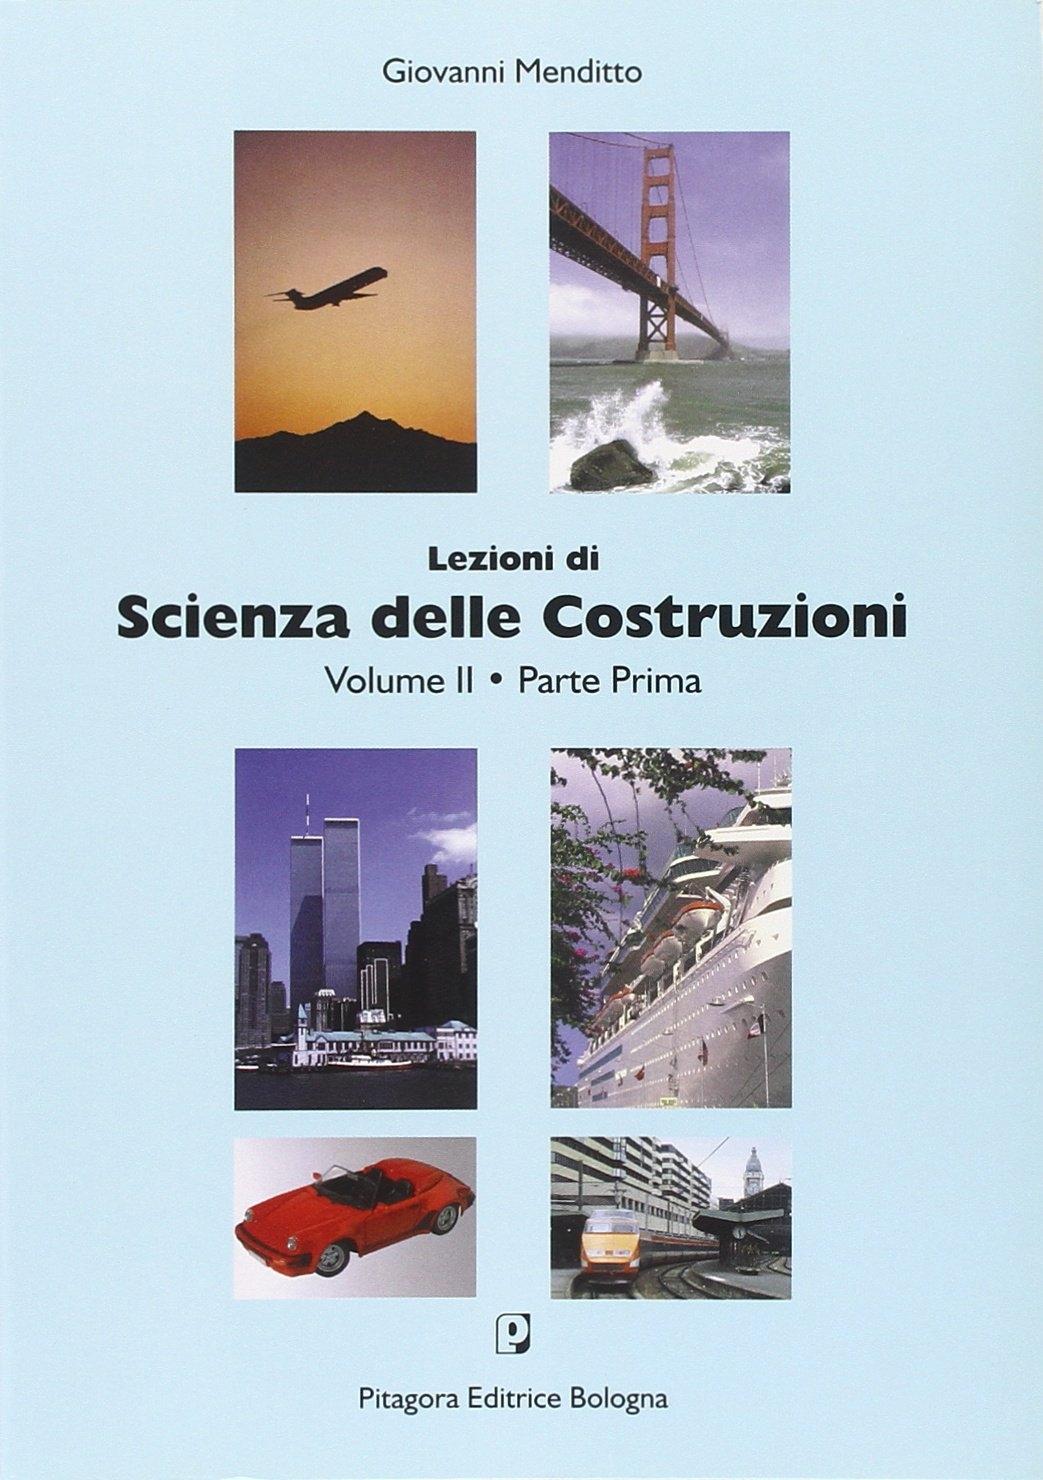 Lezioni di scienza delle costruzioni (2/1).